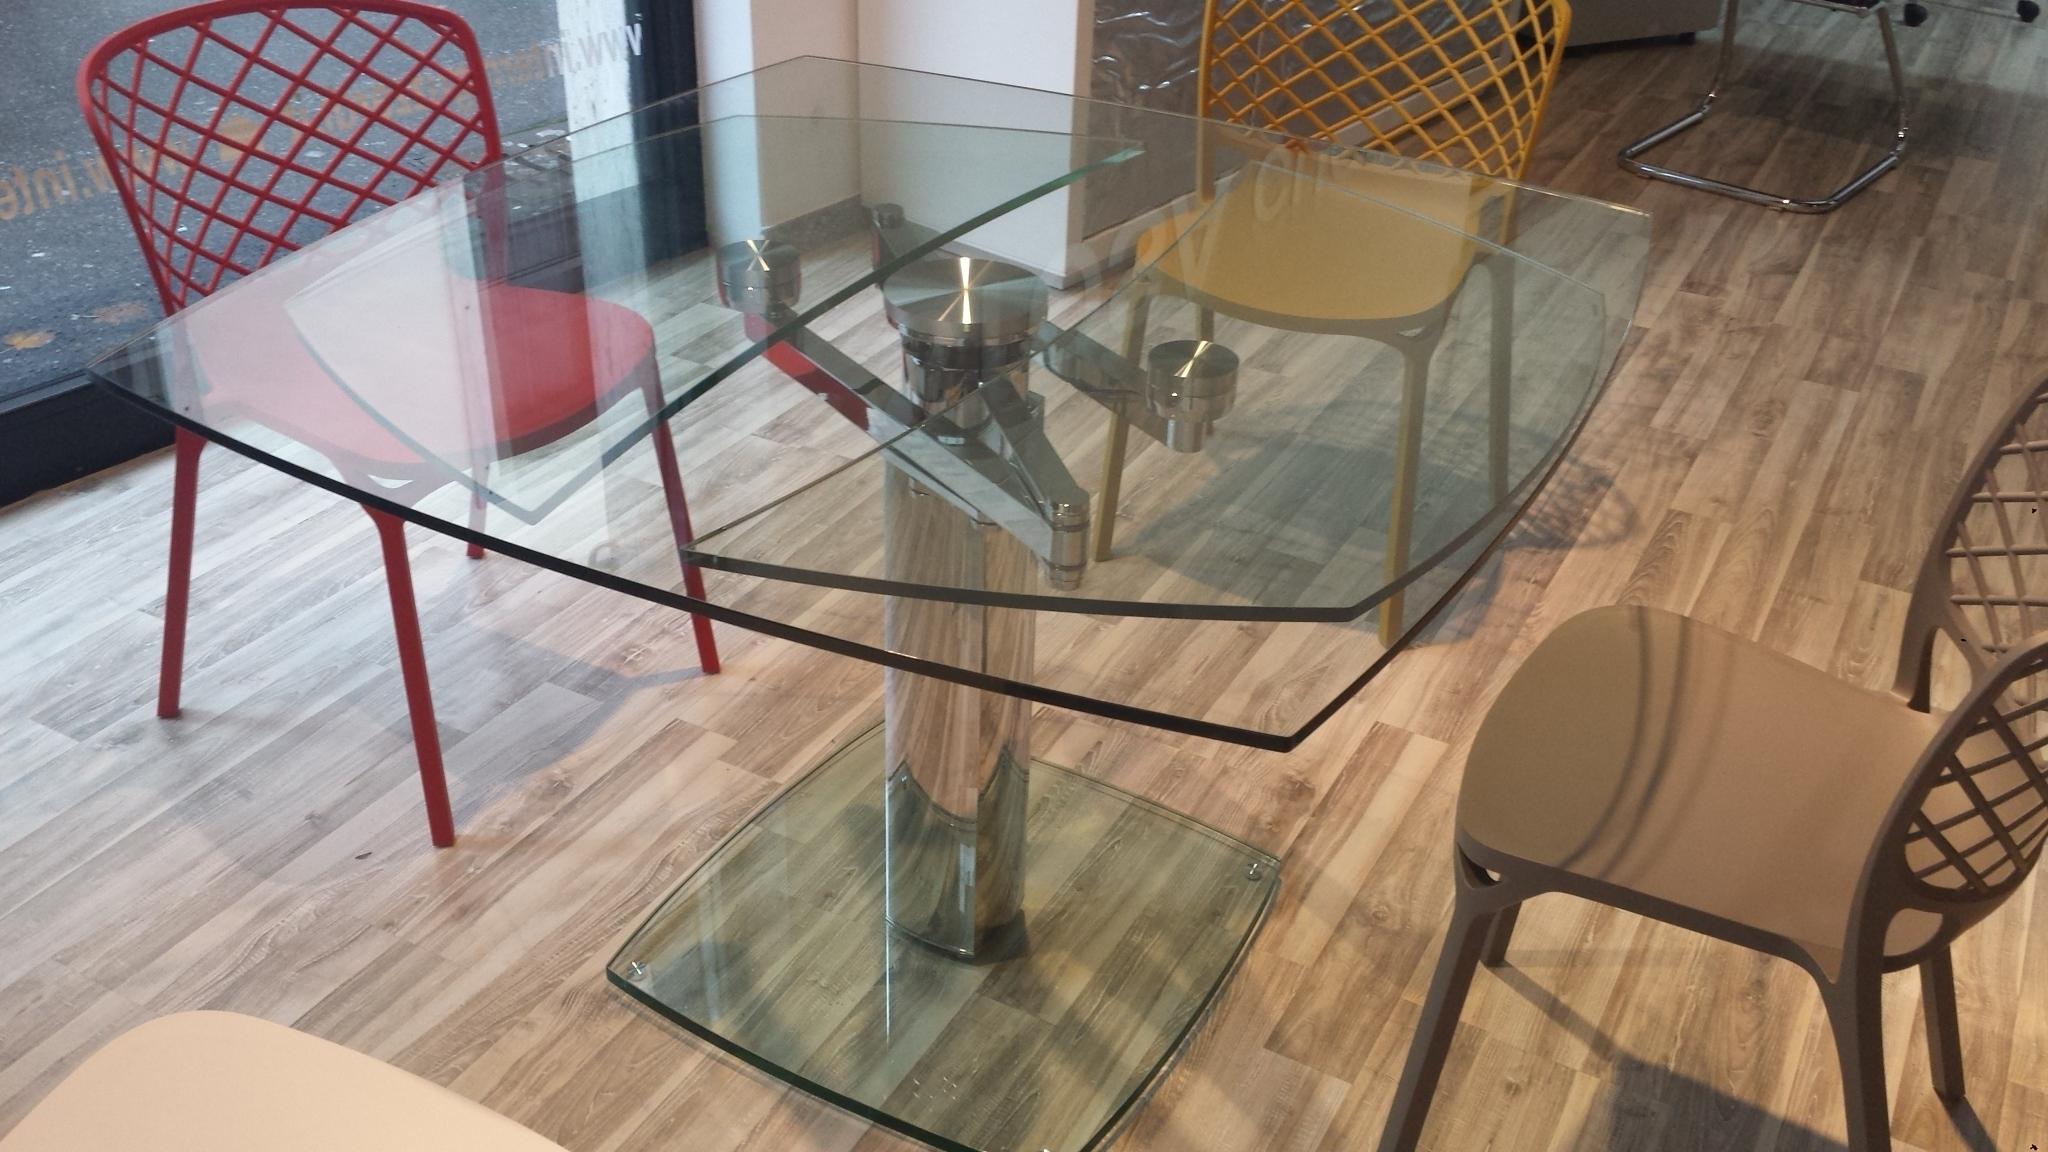 Pozzoli tavolo advance allungabile vetro tavoli a prezzi - Tavolo allungabile in cristallo ...